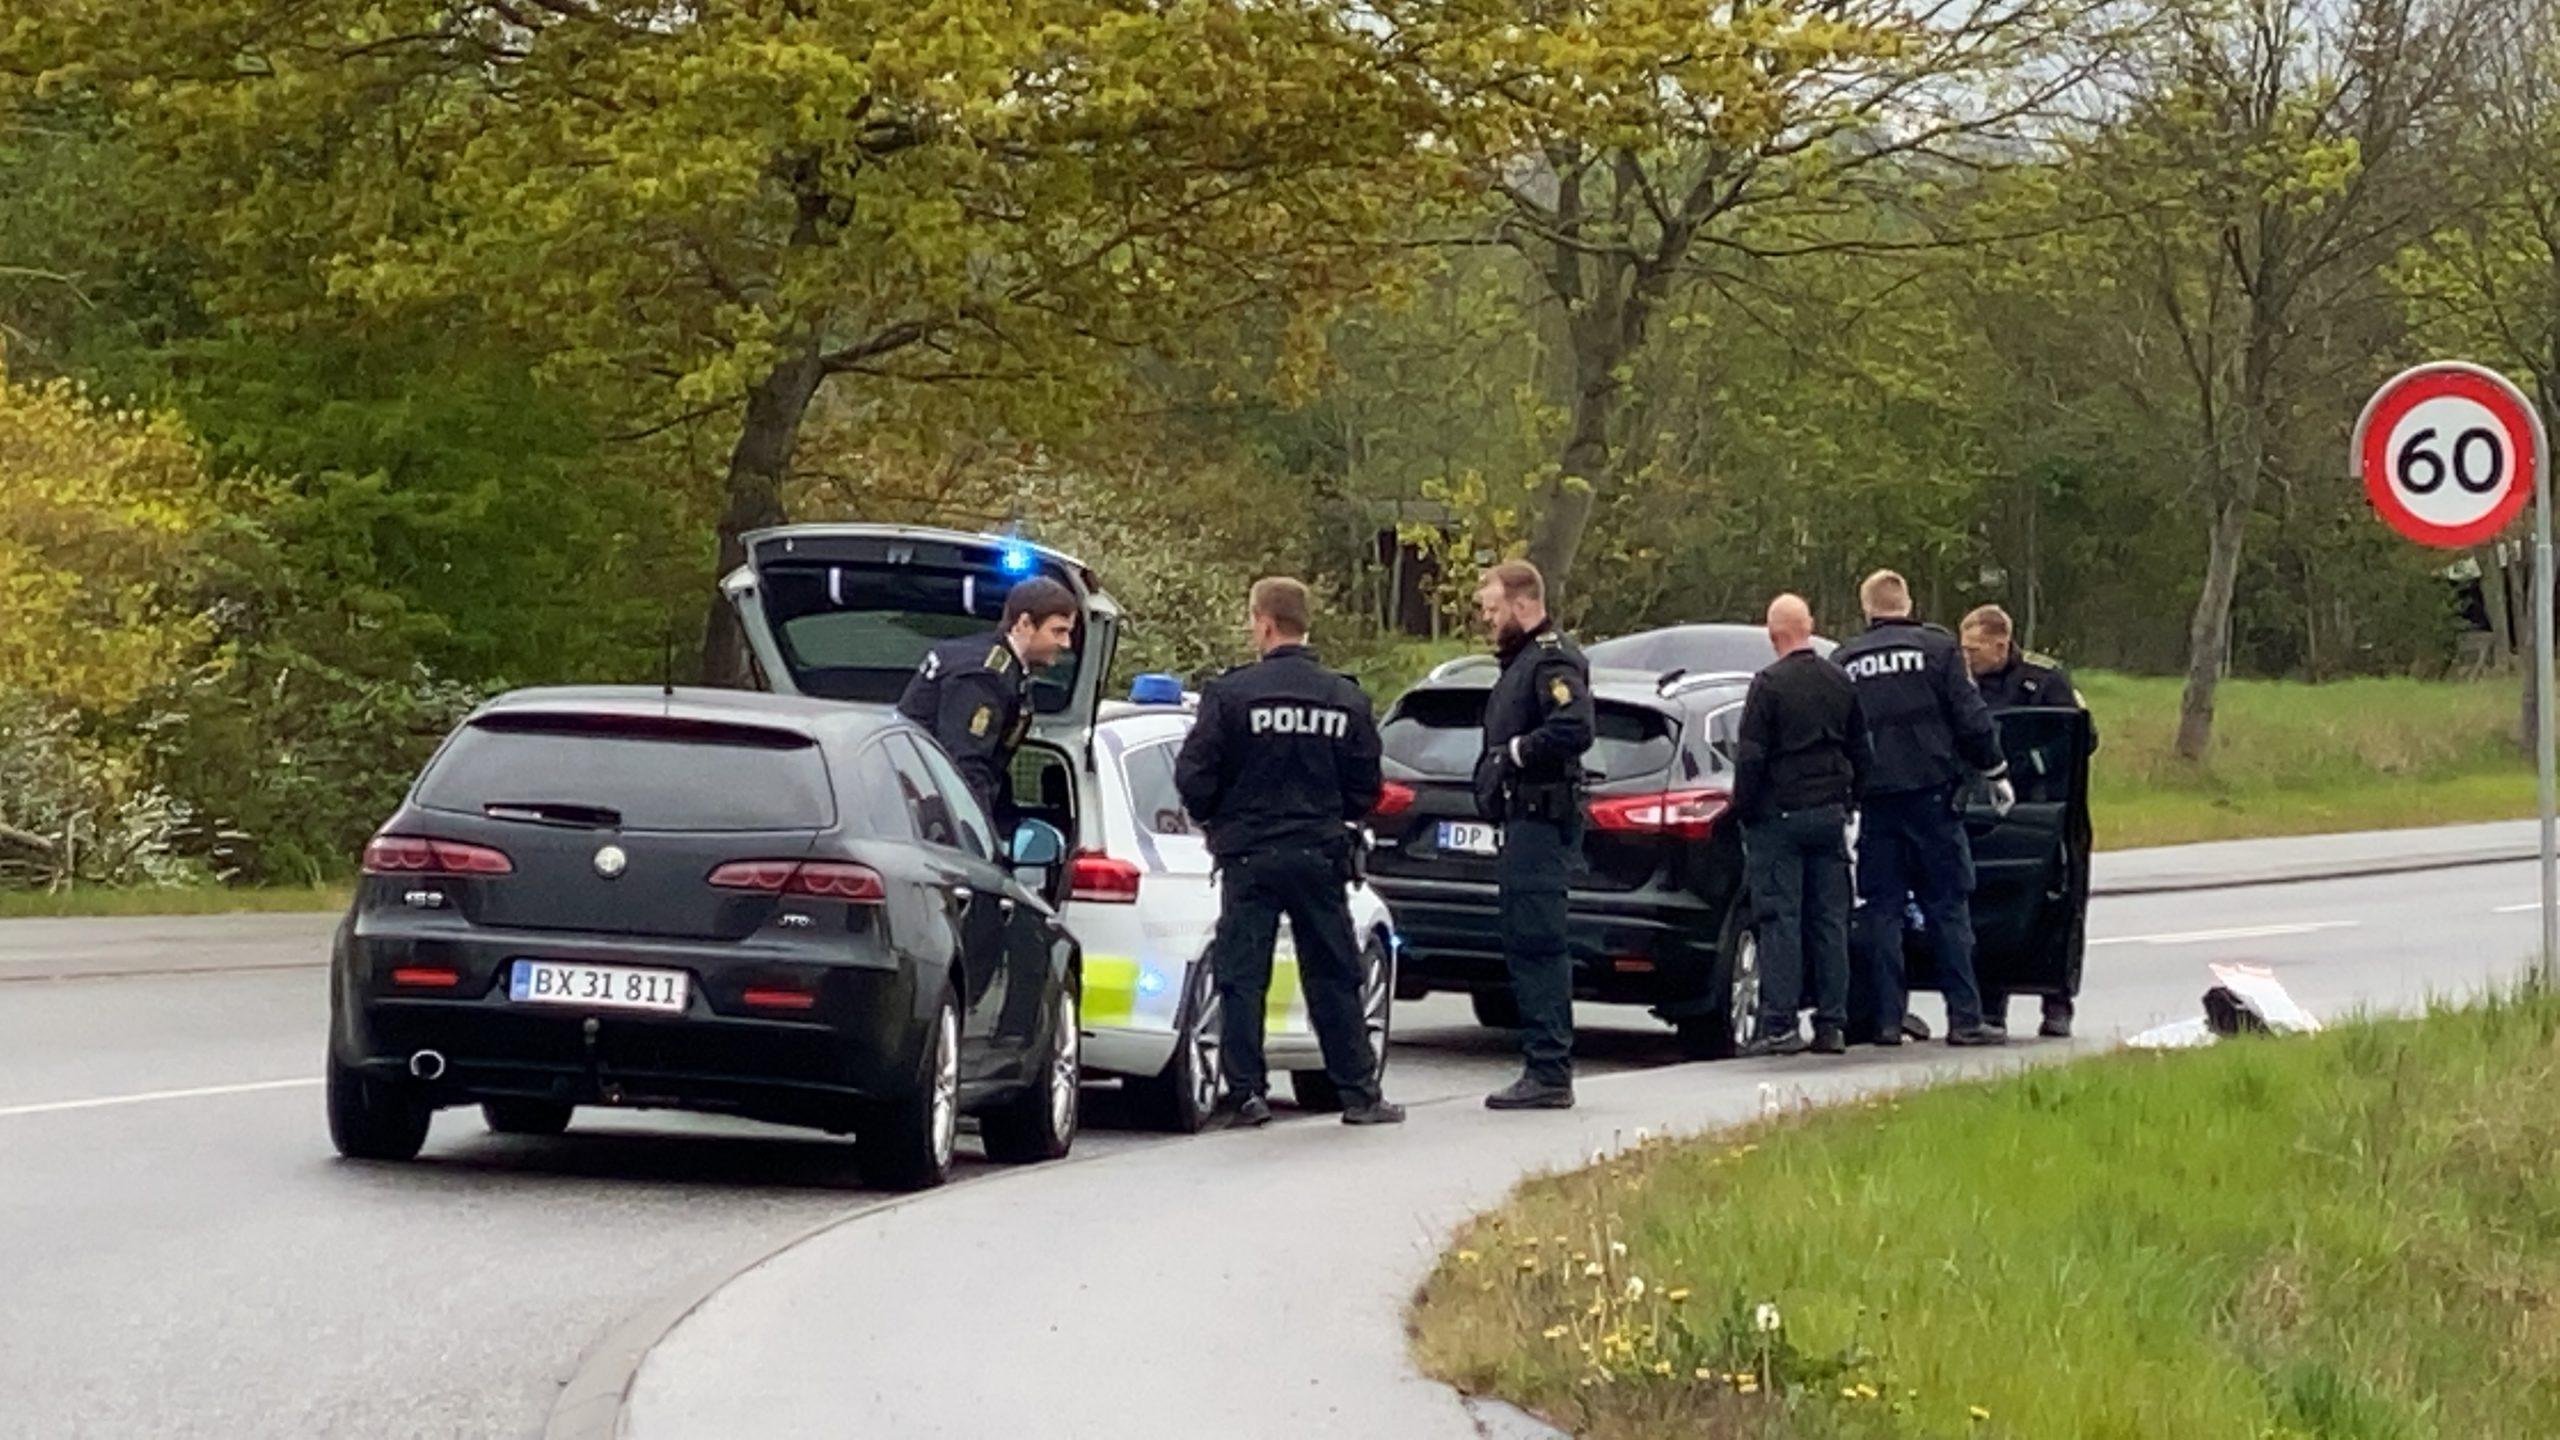 Politiet trak våben: Der var 30 kg hash i bil